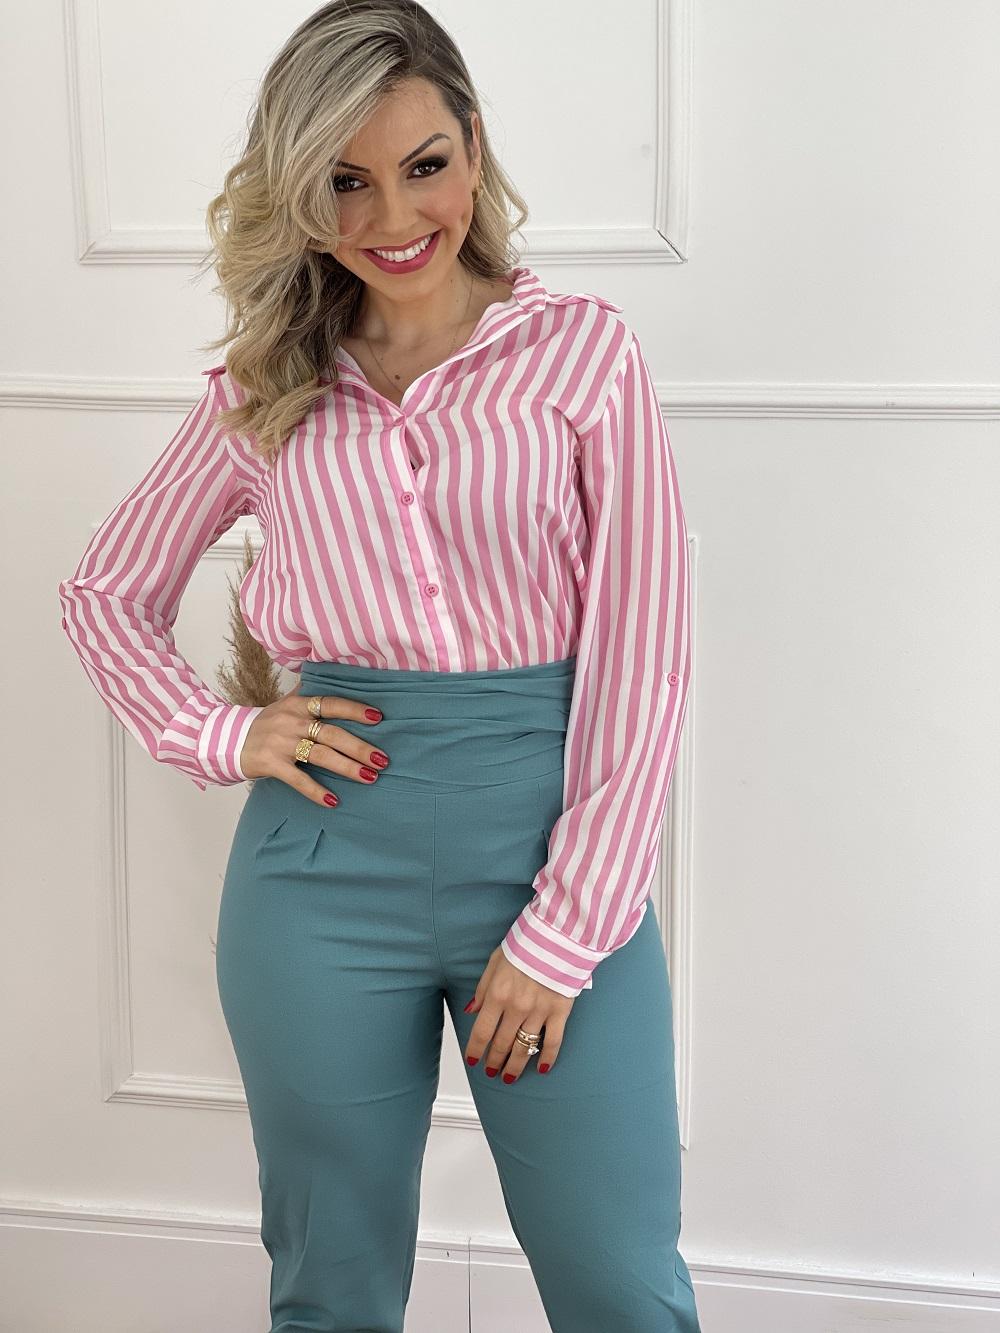 Look Pronto: Camisa Manga Longa Listras Pink + Calça Skinny em Linho Botões Barra Azul